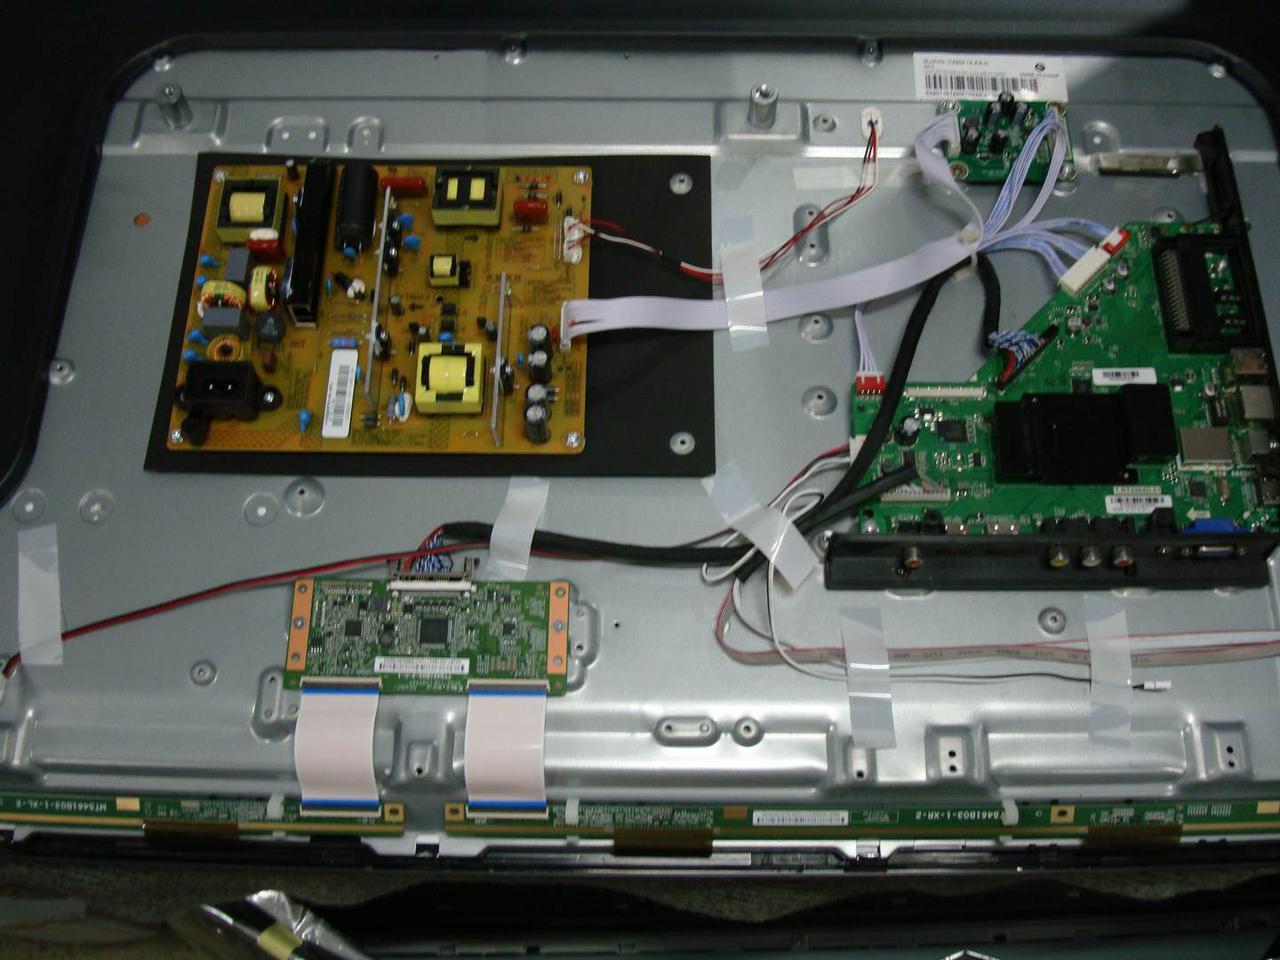 Запчасти к телевизору Bravis LED-55D2000 (JUC7.820.00102480, JUC7.820.00124415, ST5461B03-1)